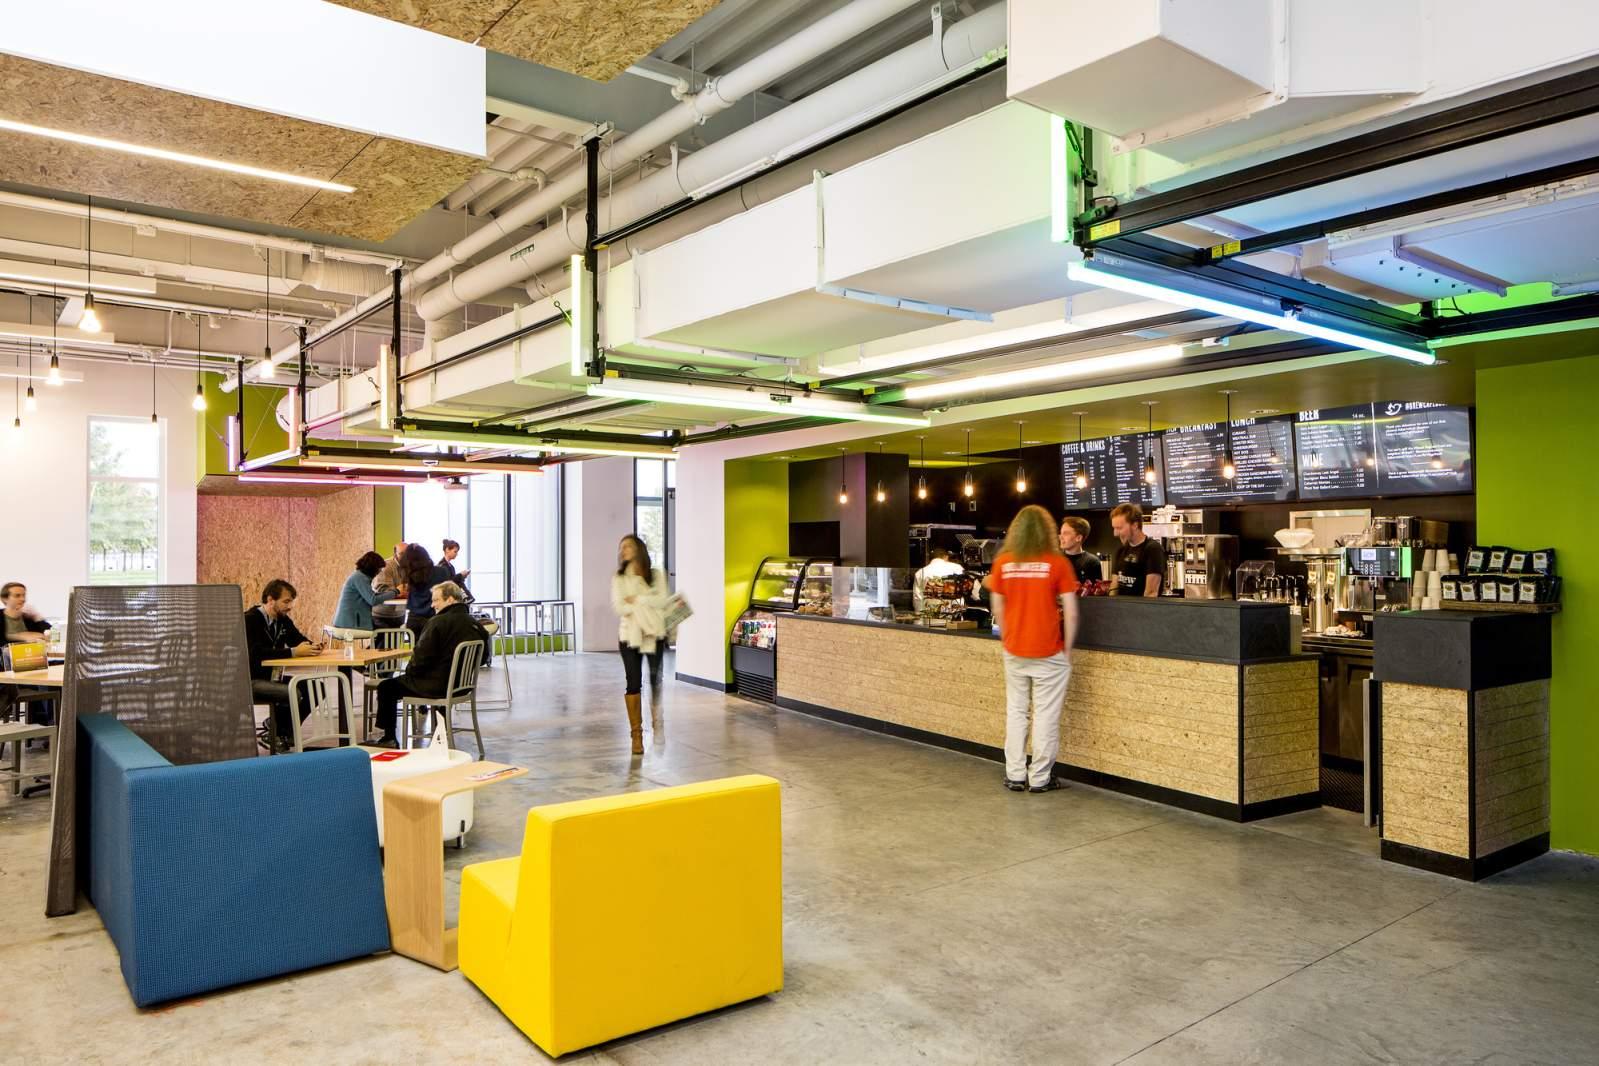 Public Innovation Center